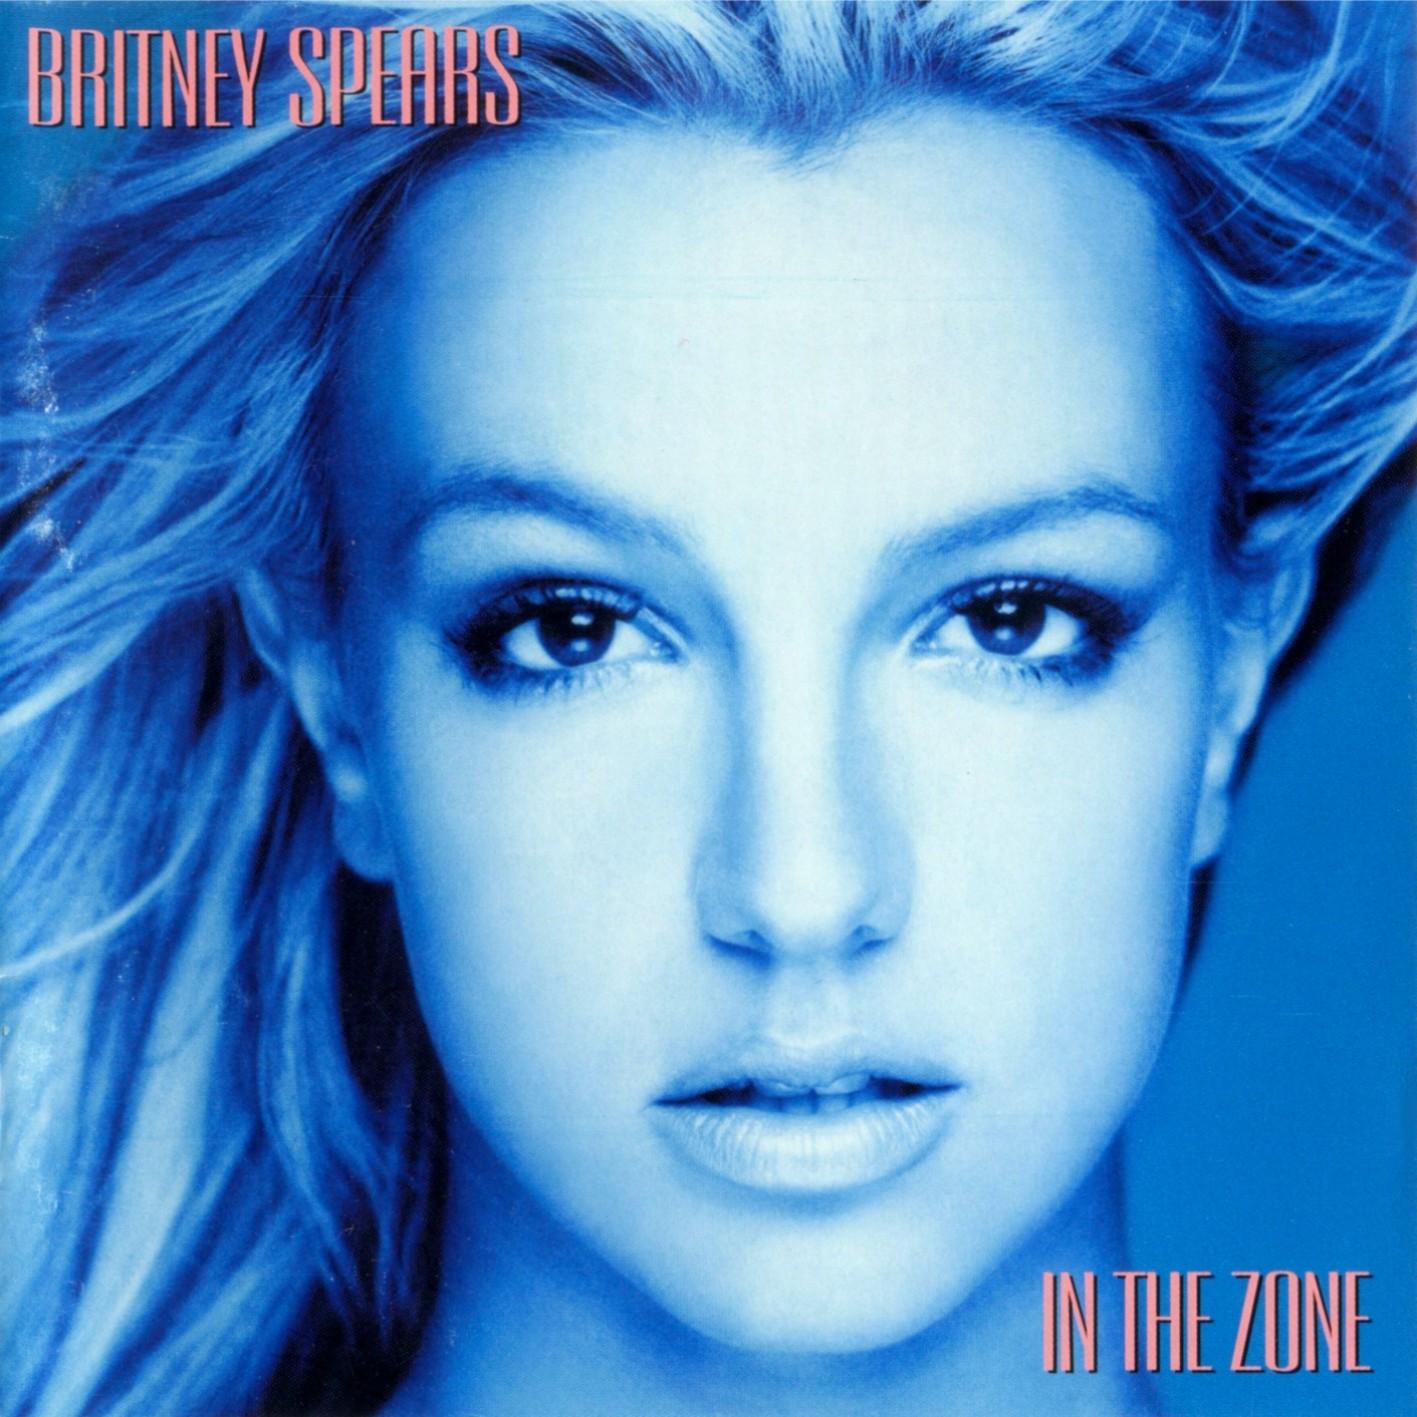 Britney Spears The - Tot 40% verschil in prijzen - kiesproduct.nl